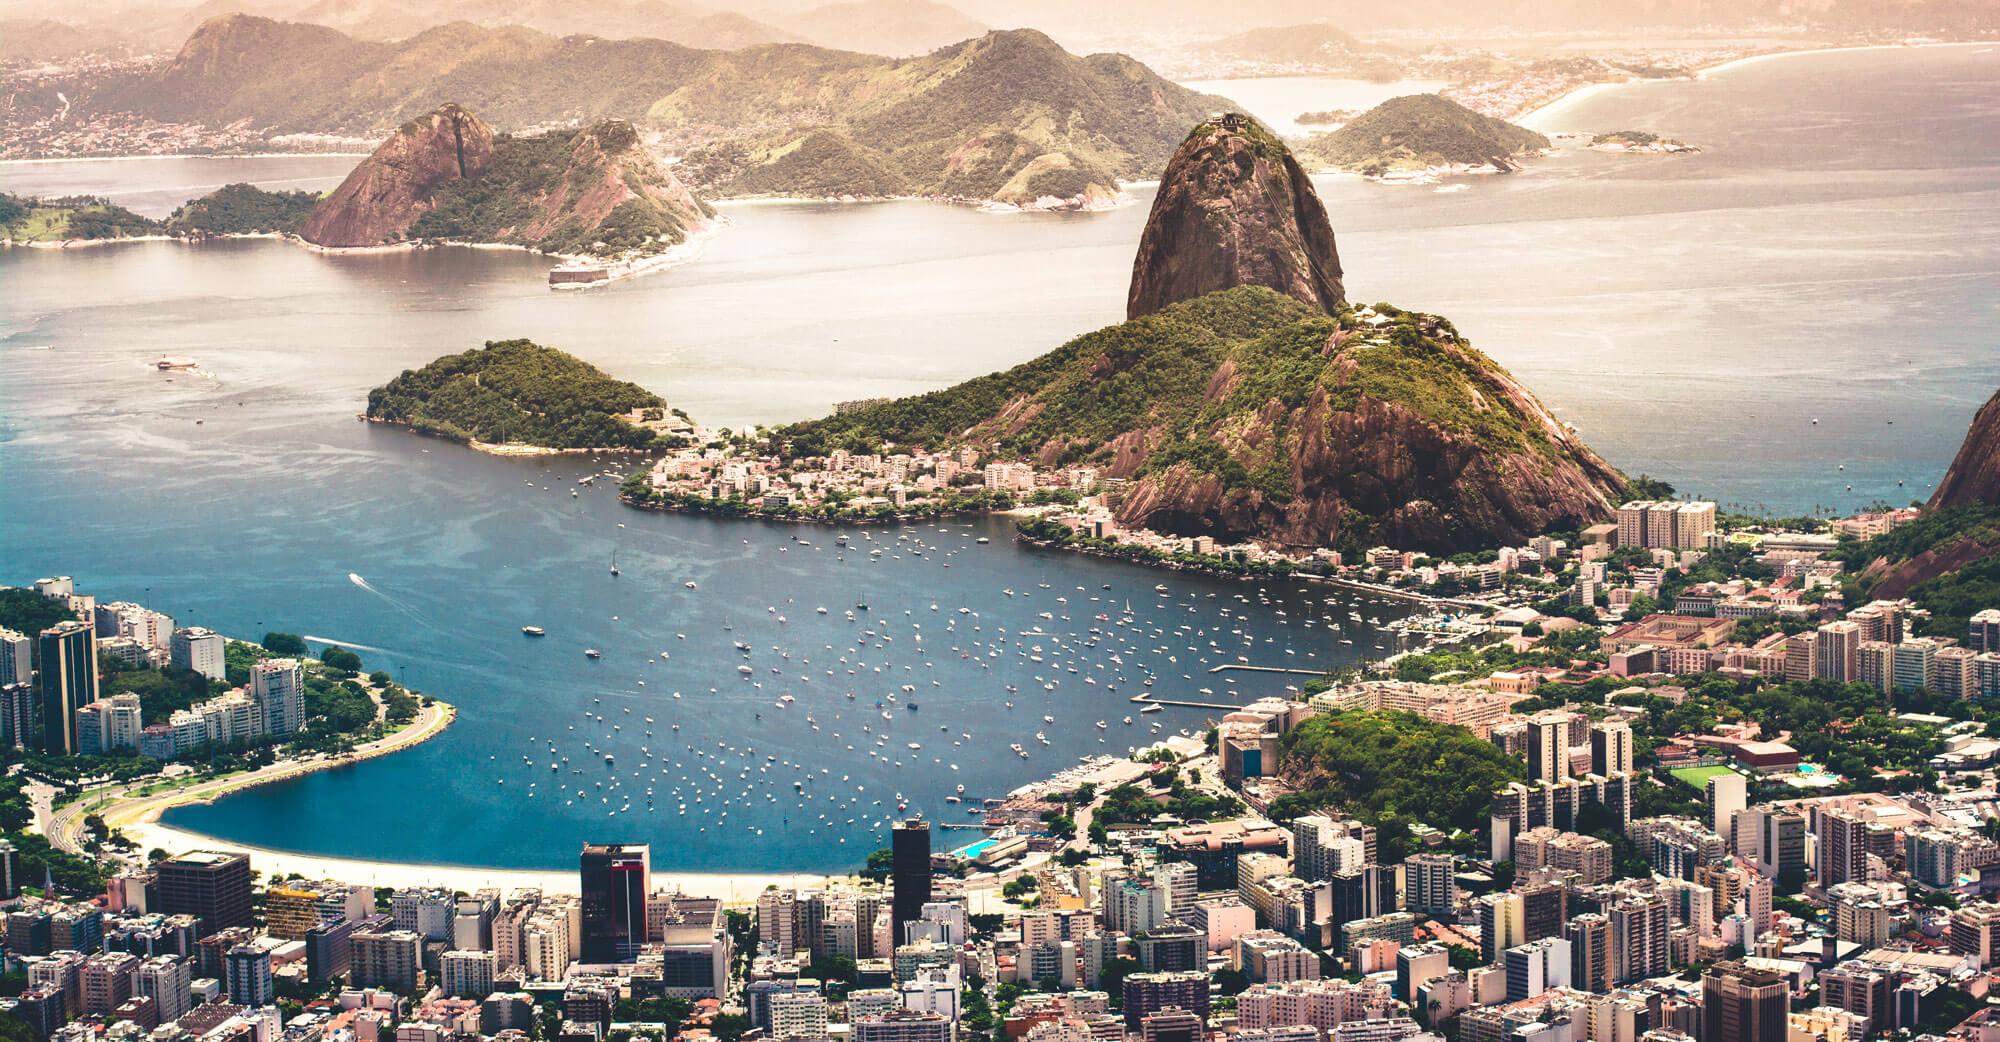 Jose was born in Rio de Janeiro